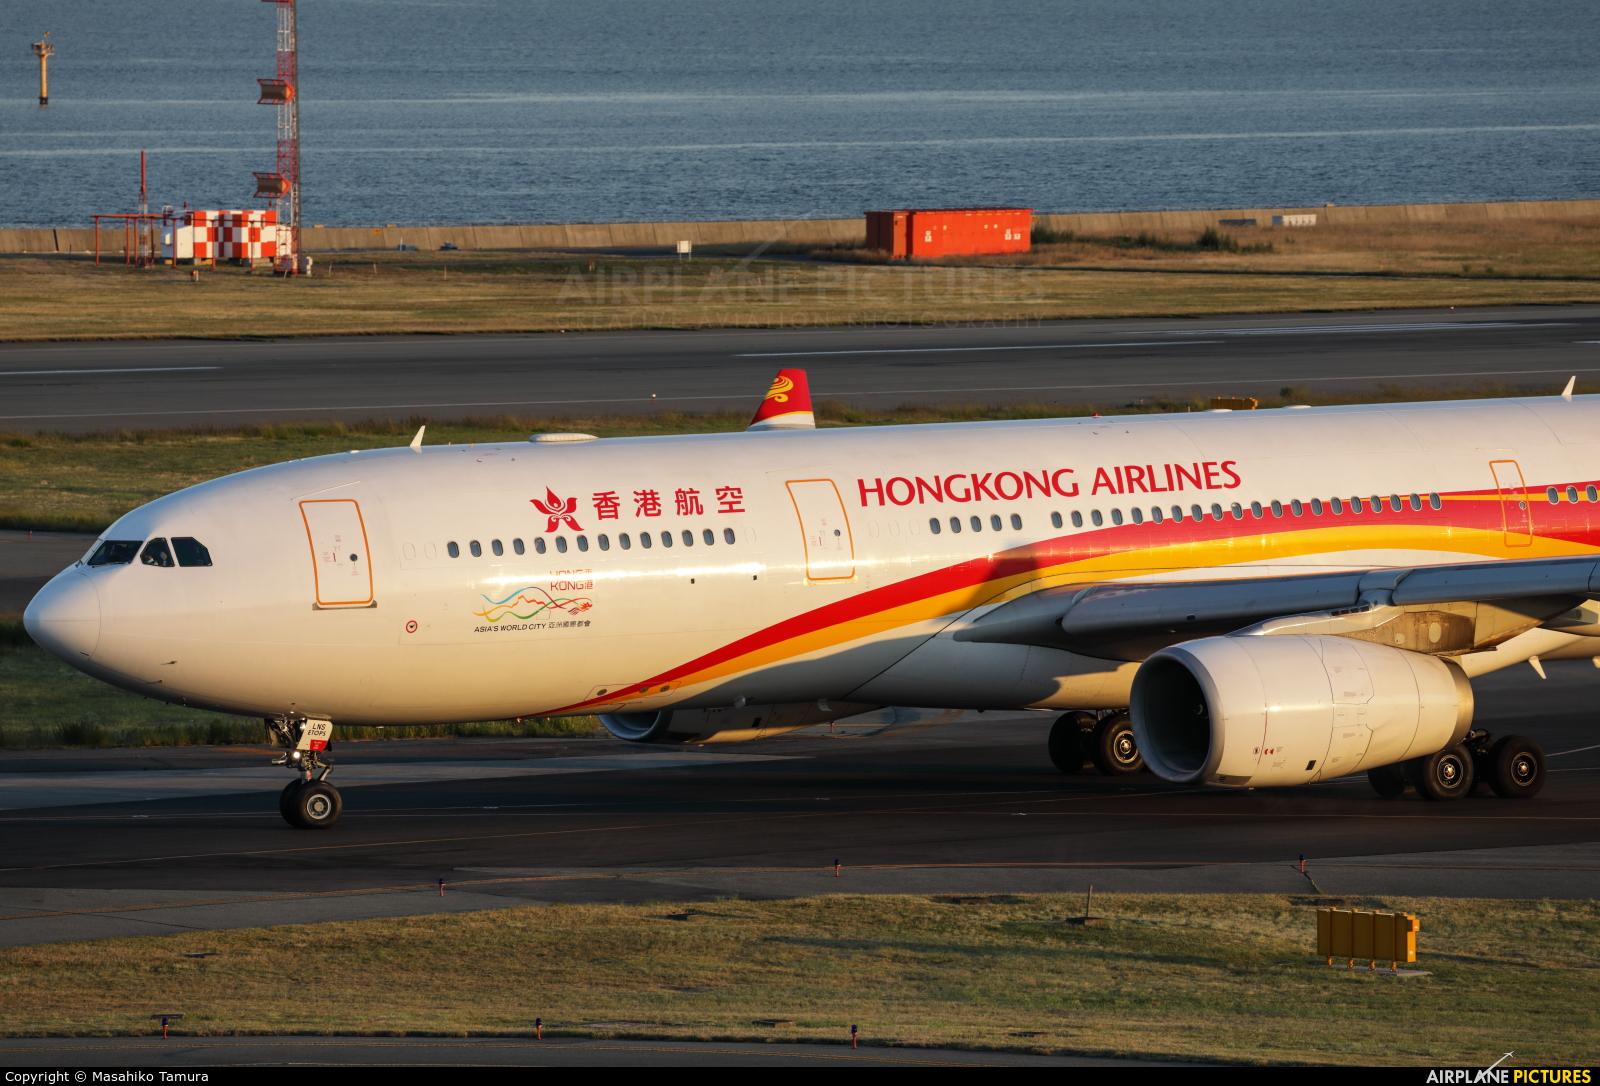 Hong Kong Airlines B-LNS aircraft at Kansai Intl